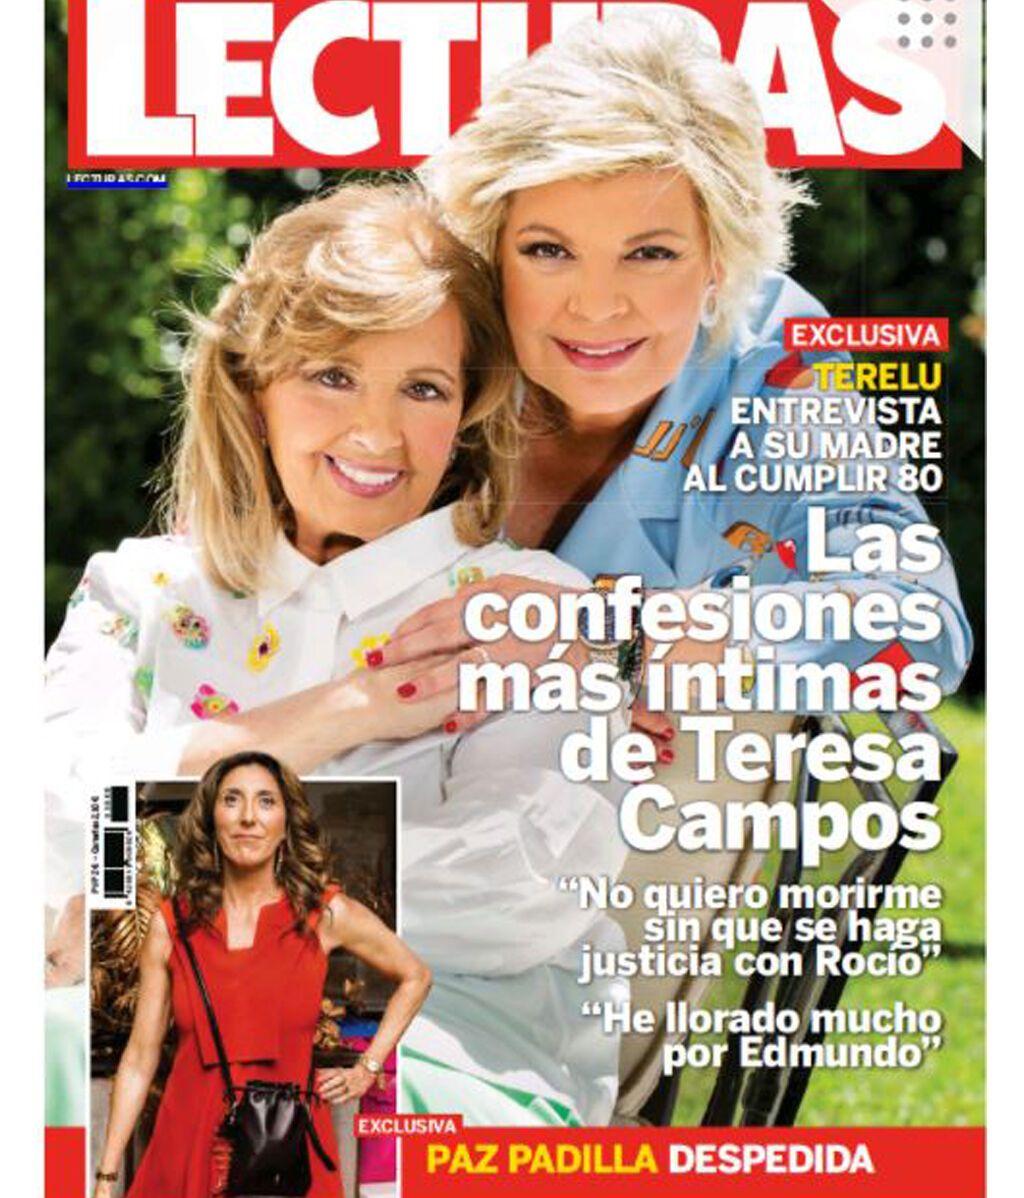 Portada de la revista Lecturas con la entrevista a María Teresa Campos